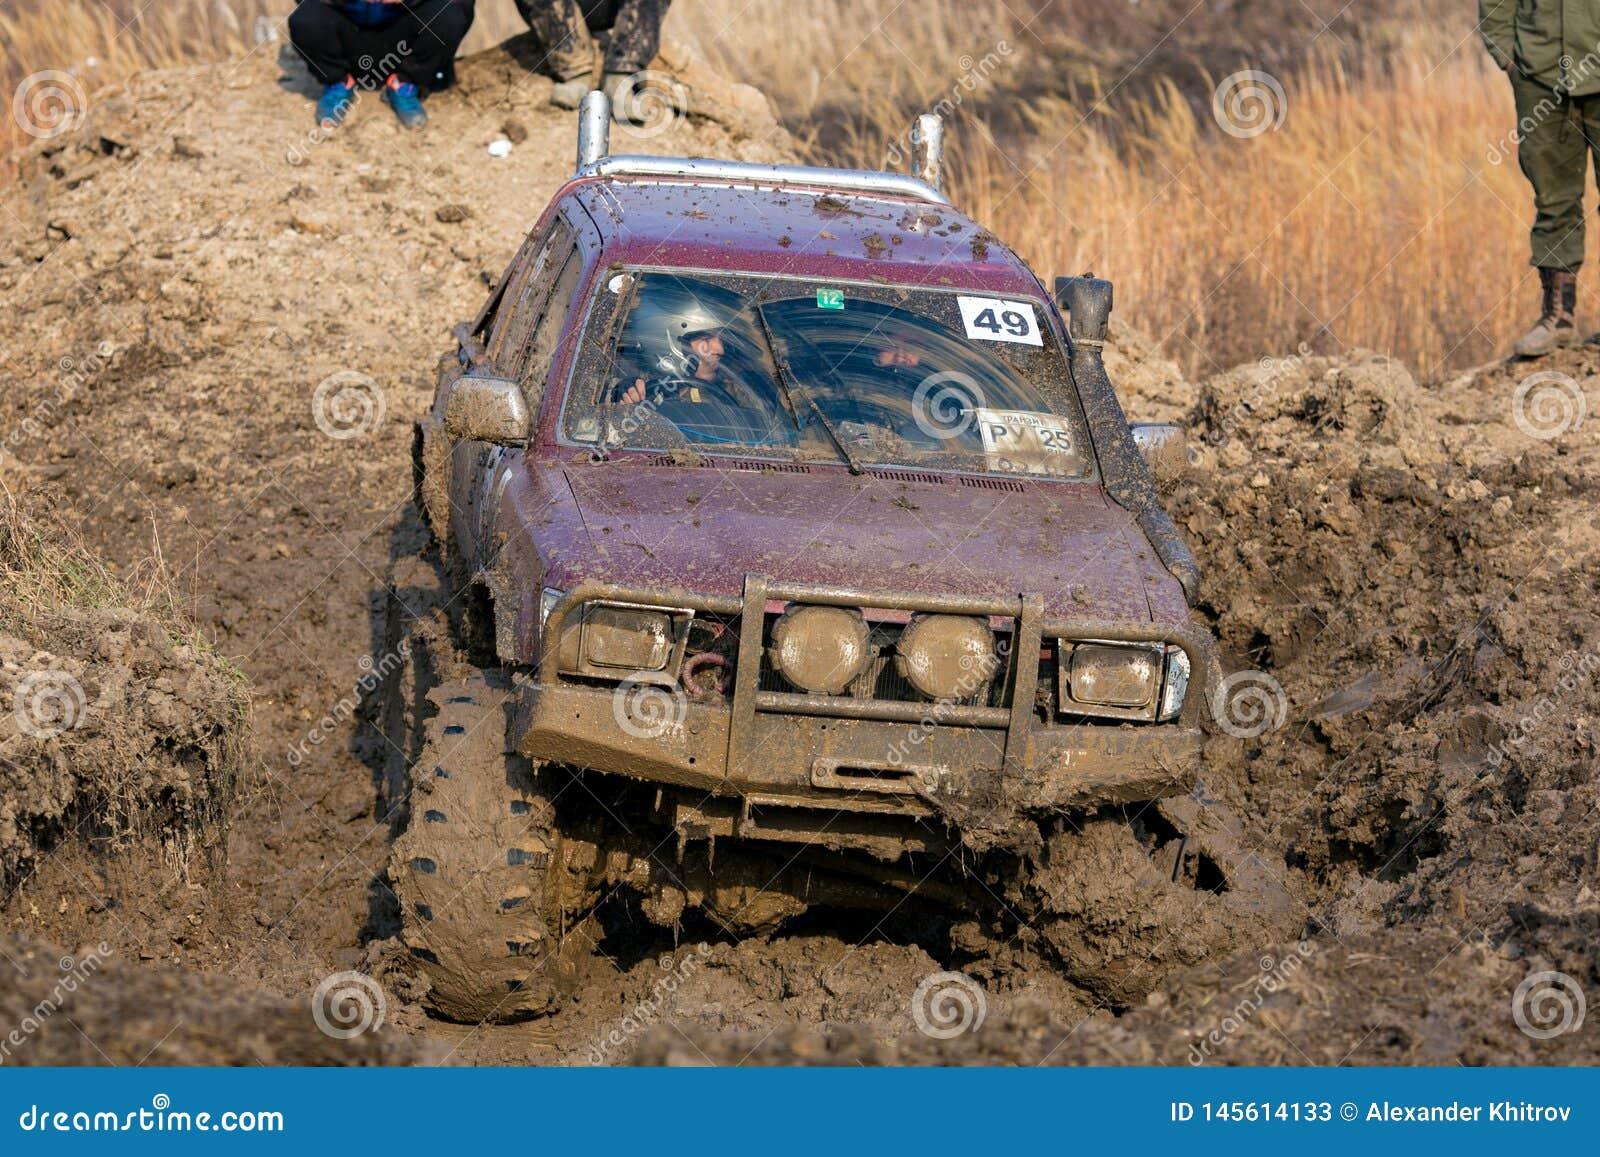 Competencia en un jeep-ensayo entre aficionados y profesionales en la conducci?n a lo largo de salud pobre en los coches 4x4